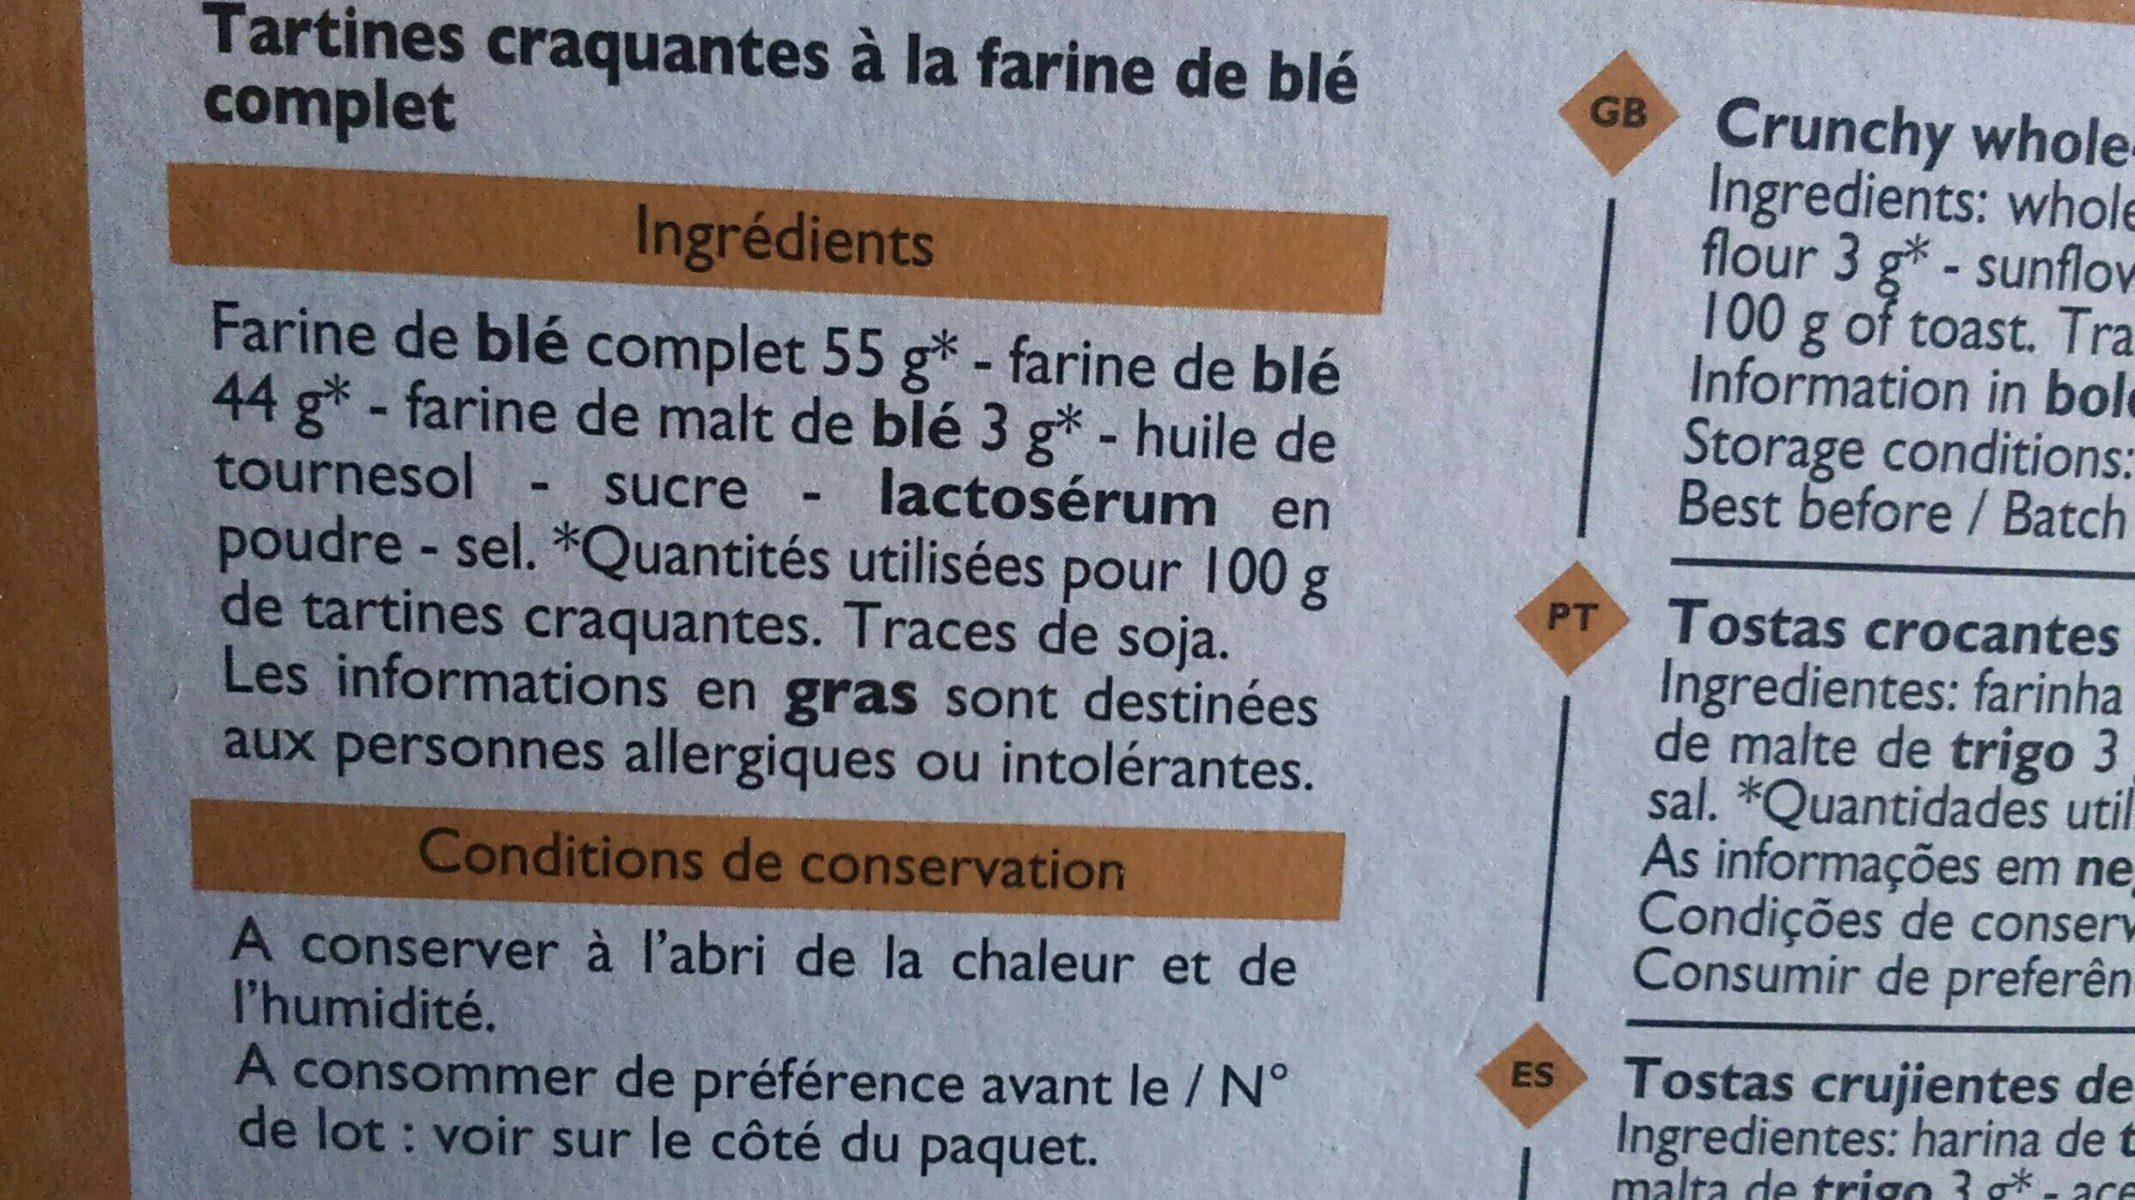 Tartine croquantes au blé complet - Ingrédients - fr